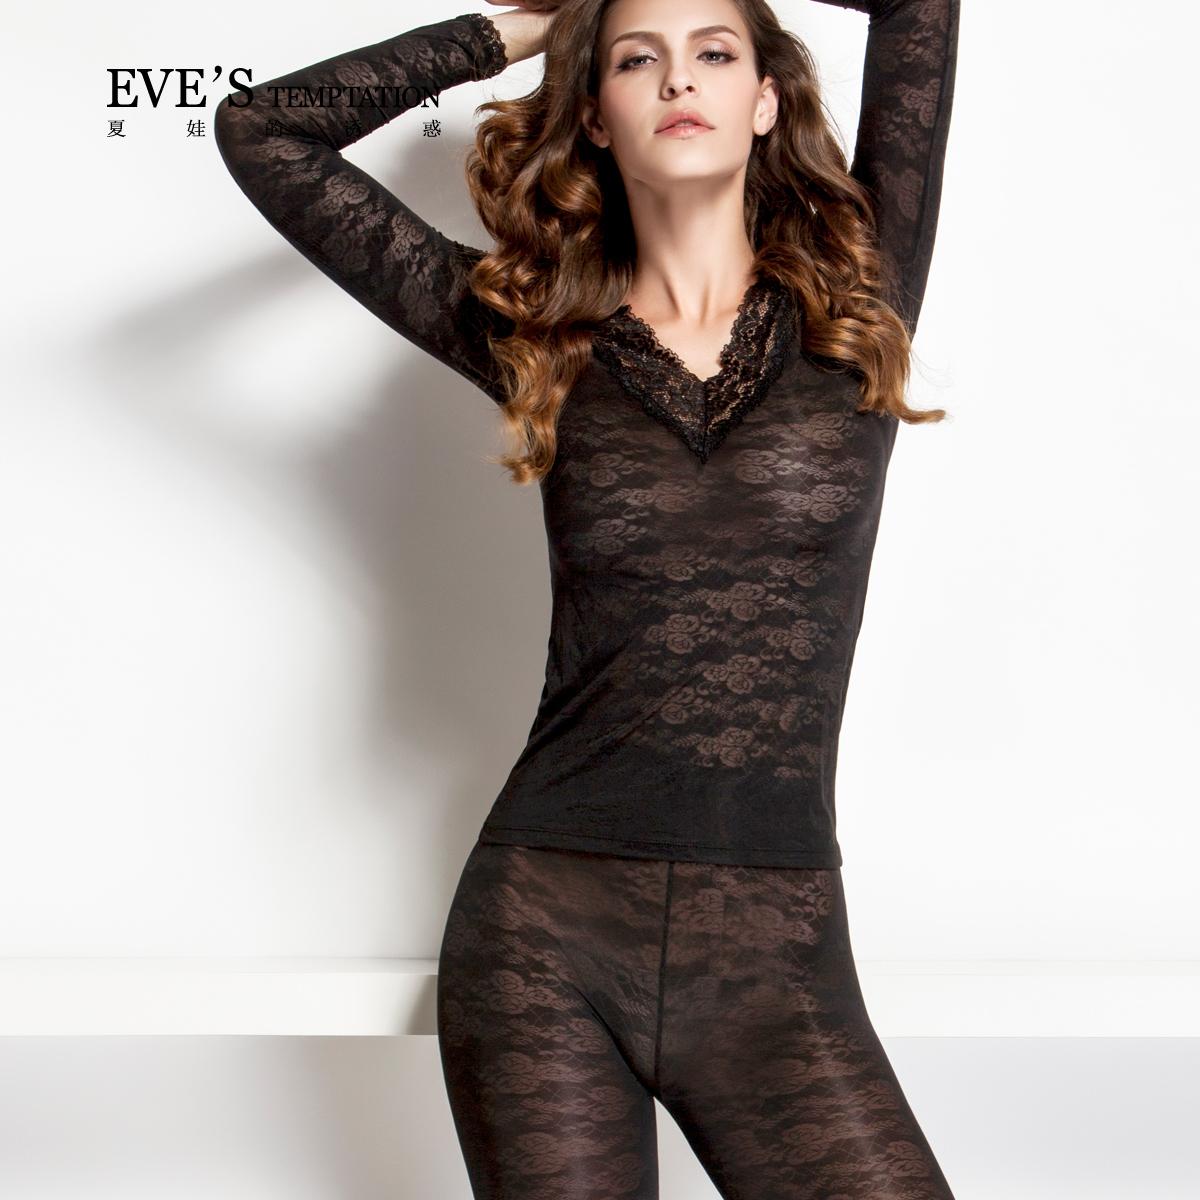 夏娃的诱惑保暖内衣女士薄款春夏V领美体秋衣秋裤套装蕾丝打底衫